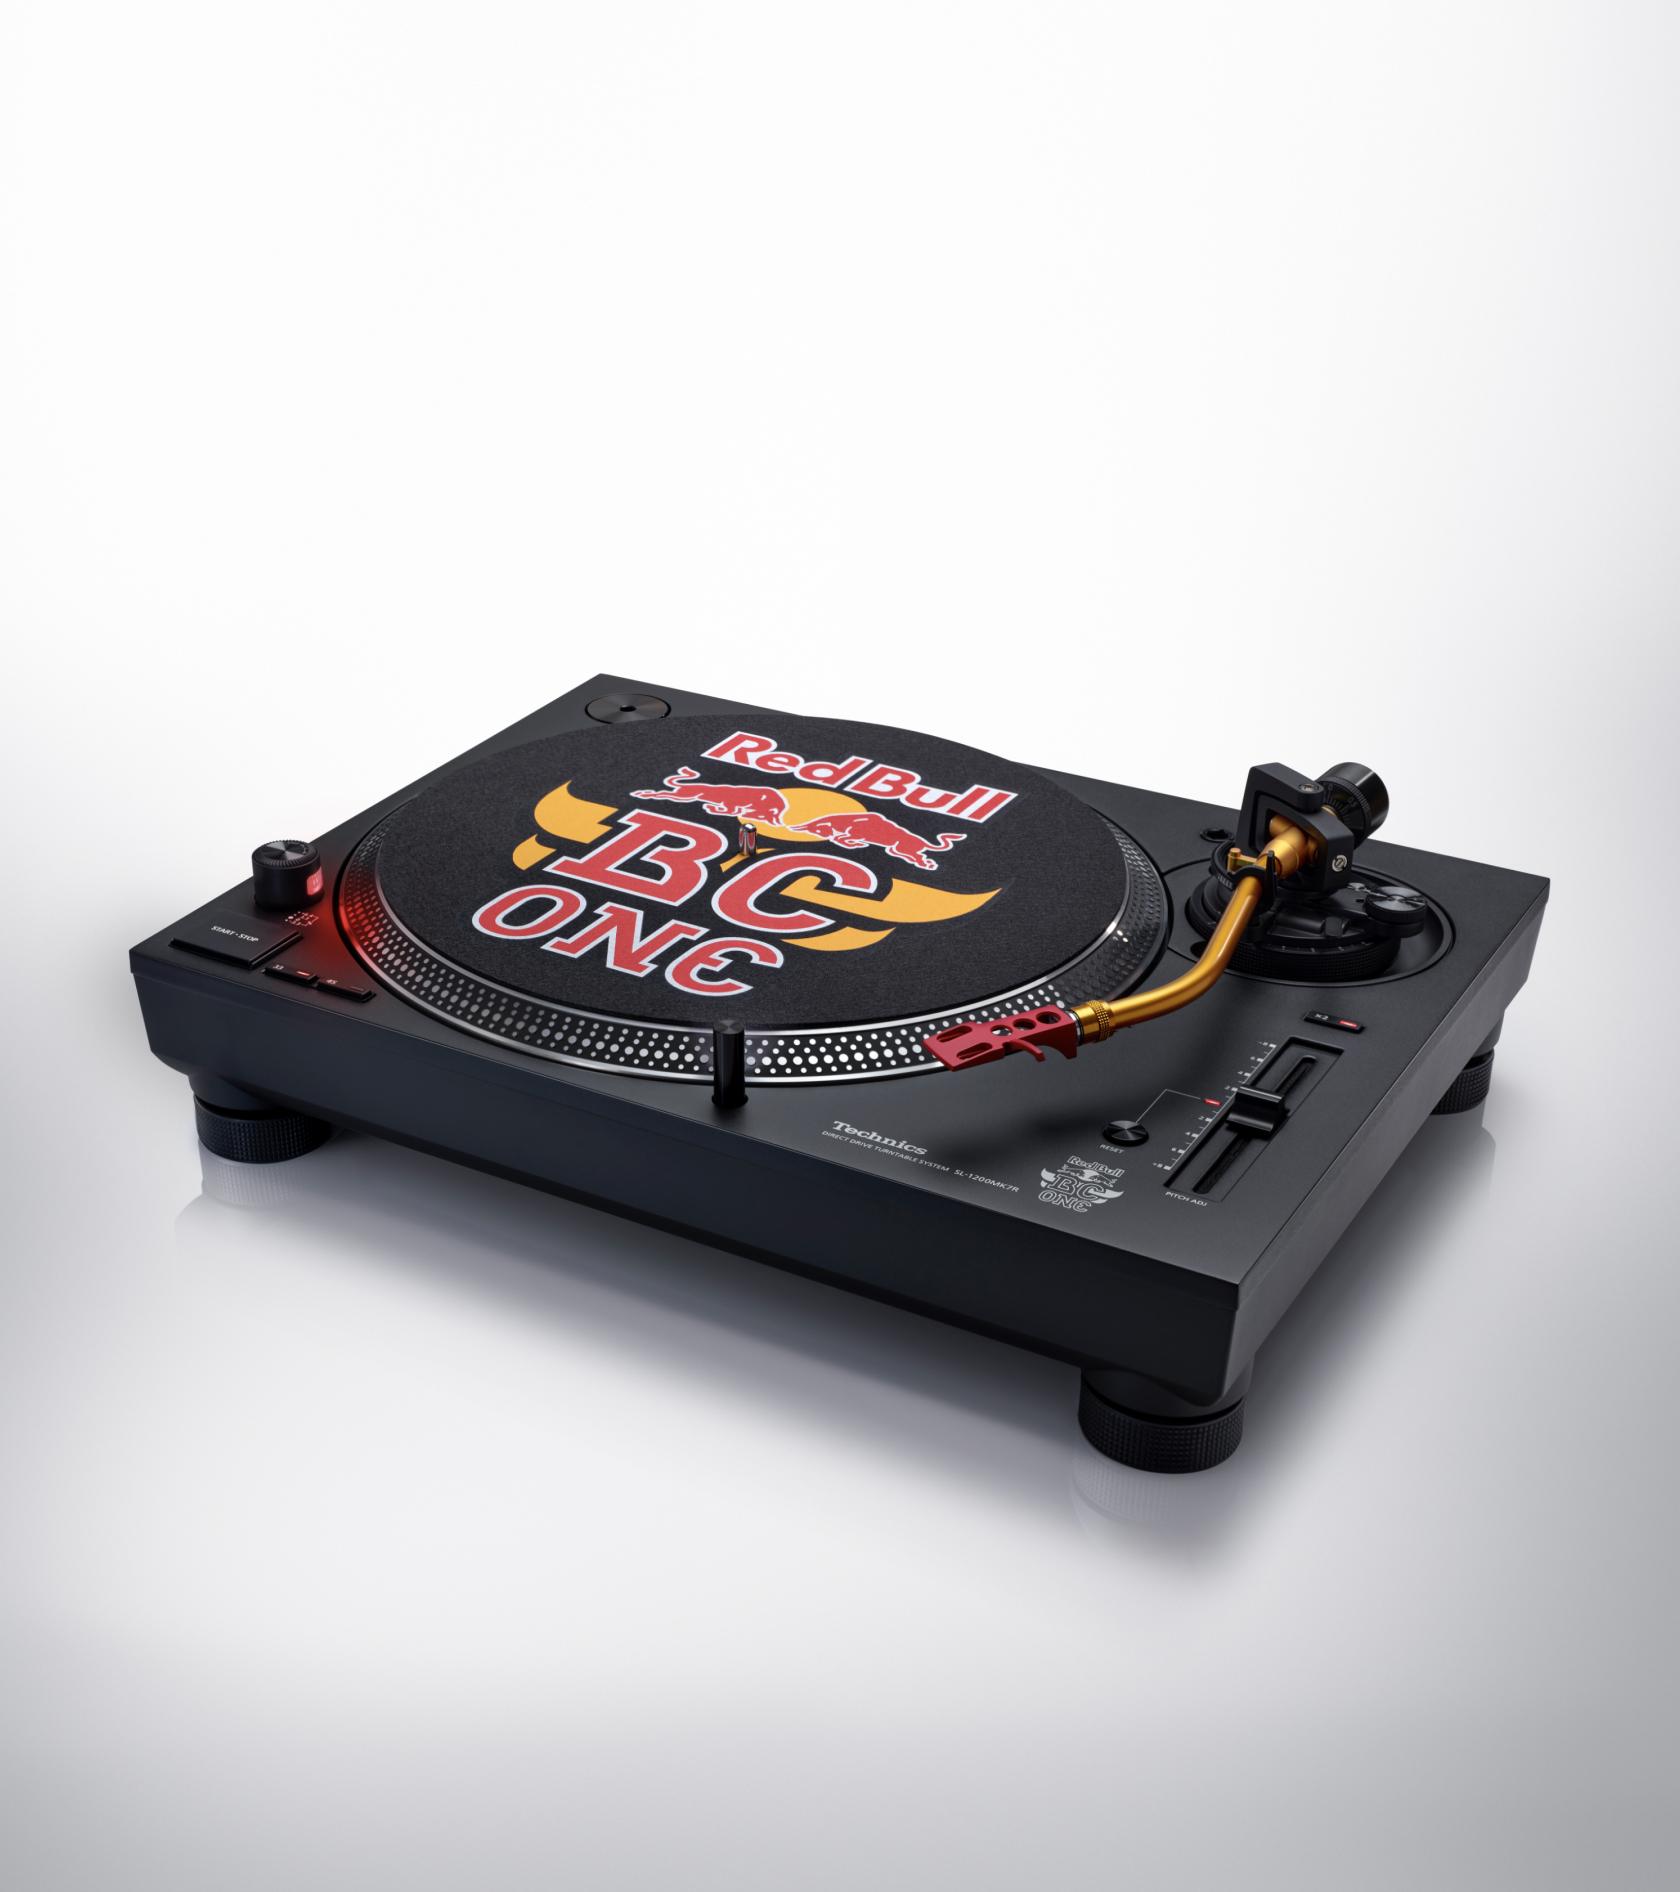 Technics SL-1210 MK7RE gramofon Edycja limitowana red bull